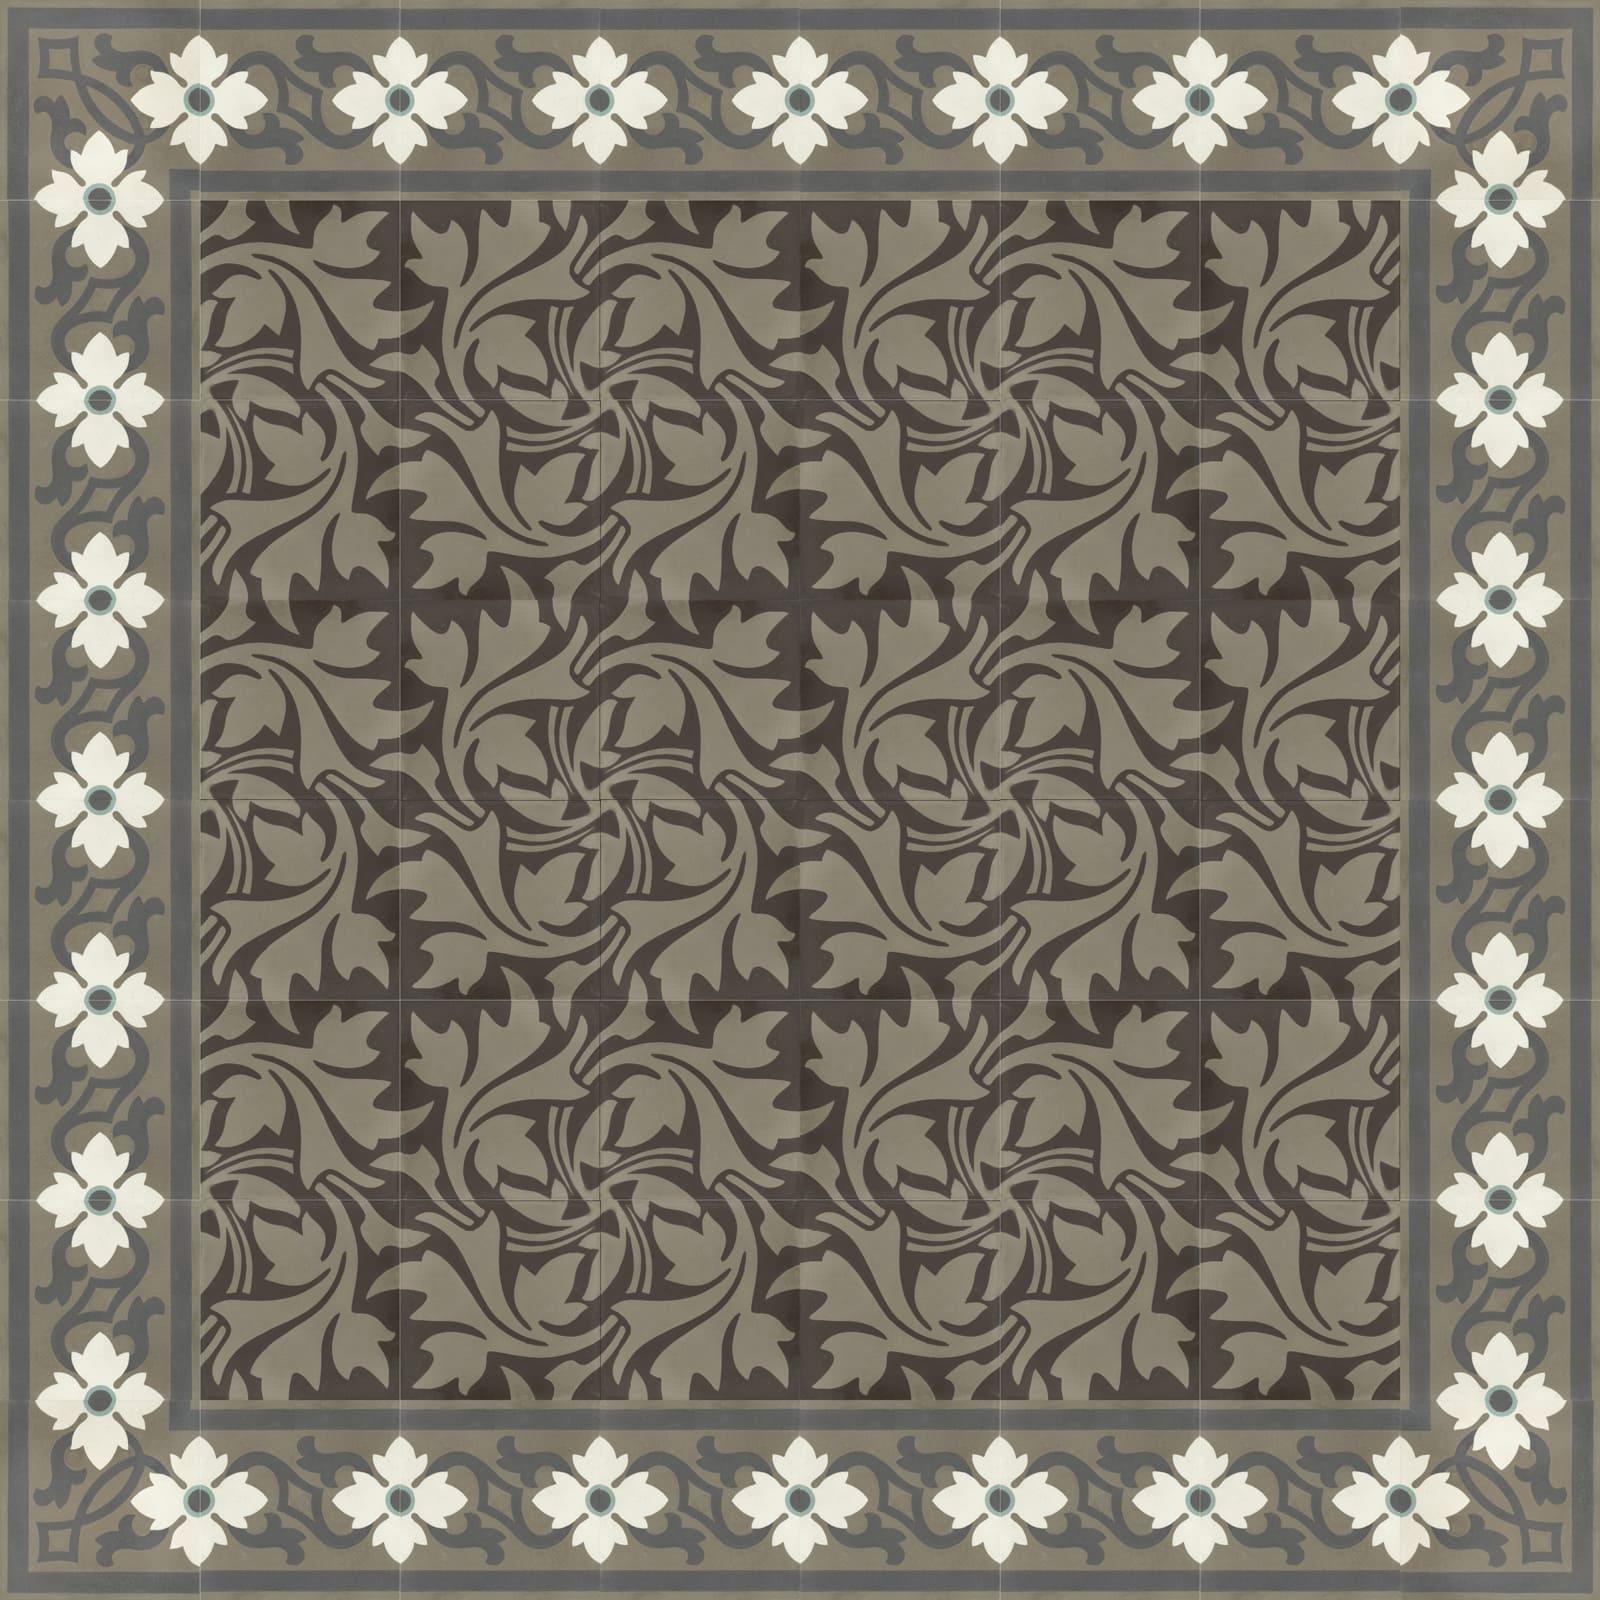 Zementmosaikplatten-verlegemuster-51151-60-via-gmbh | 51151-60